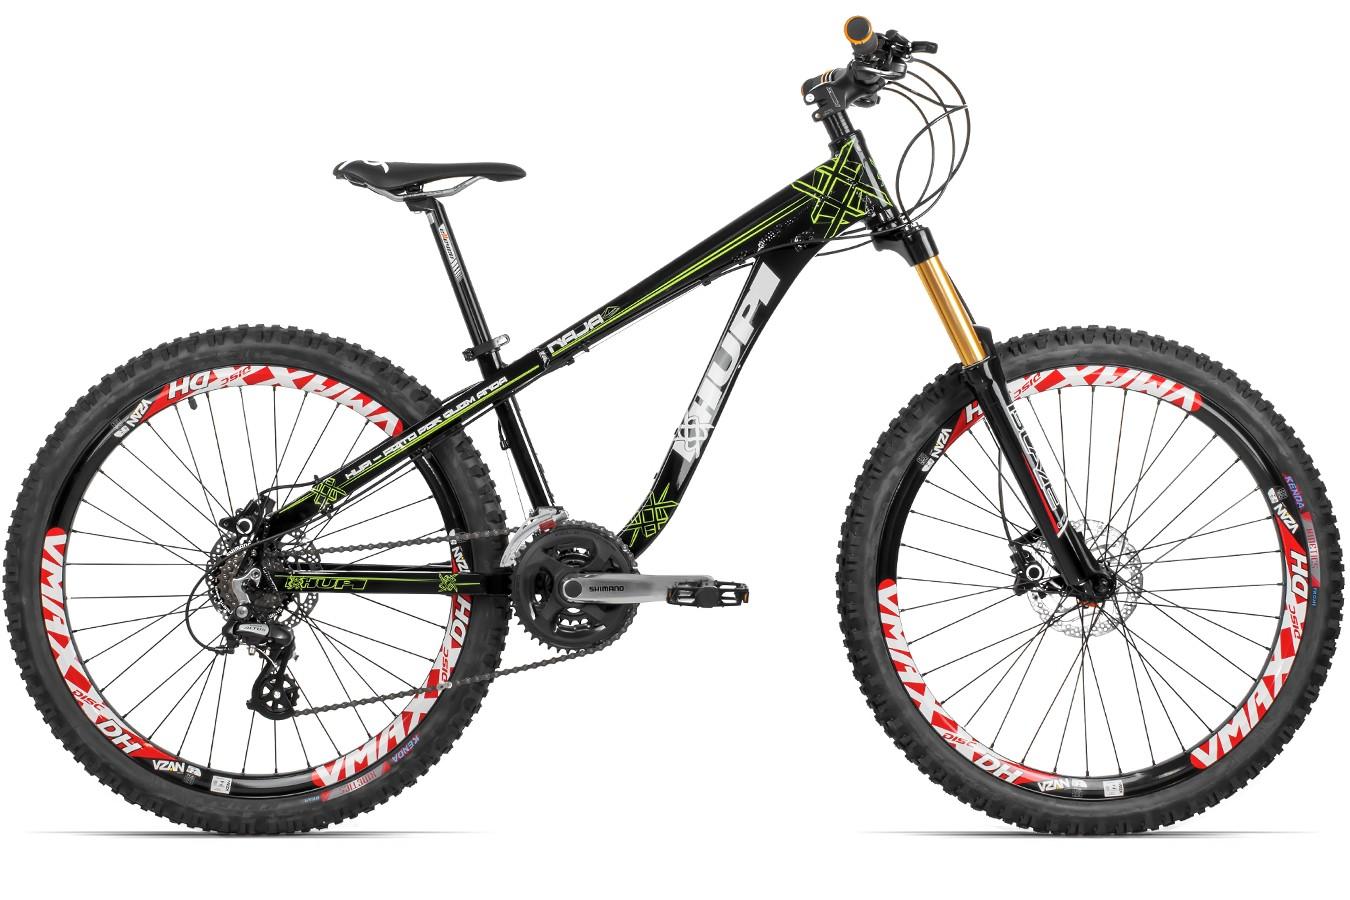 Bicicleta 26 Freeride Naja 2016 24V Hidráulico - Hupi